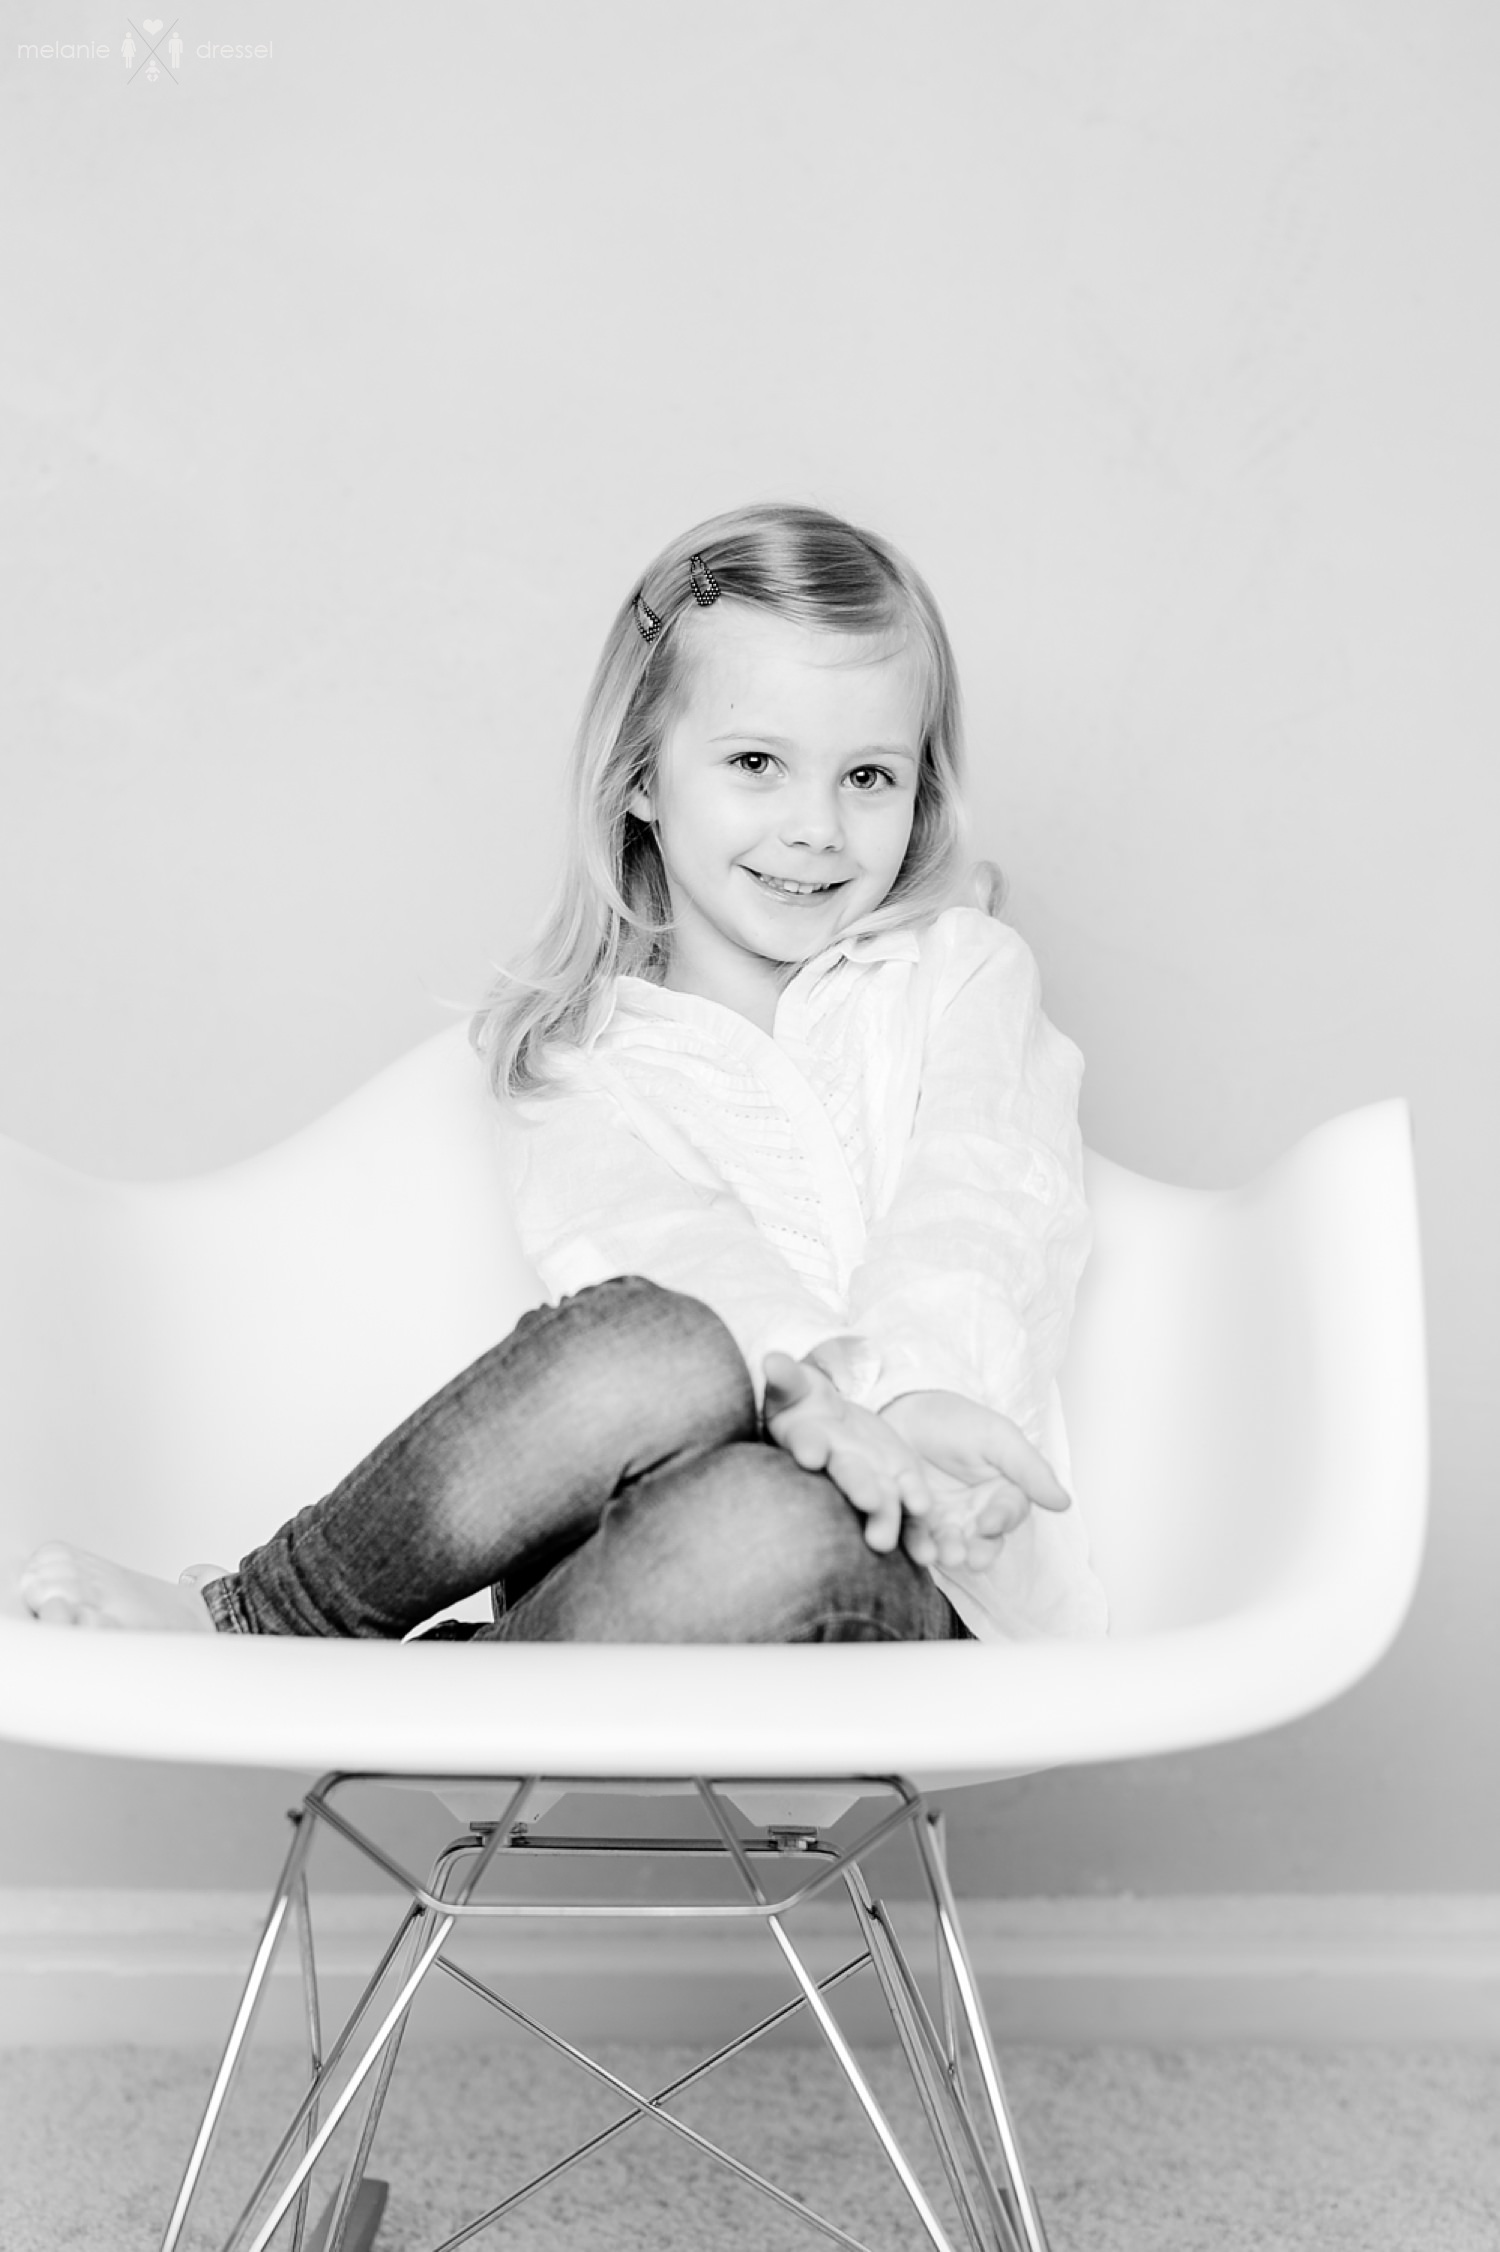 Zwei kleine Schwestern, fotografiert im Studio von Melanie Dressel, Familien- und Kinderfotografie für Gera